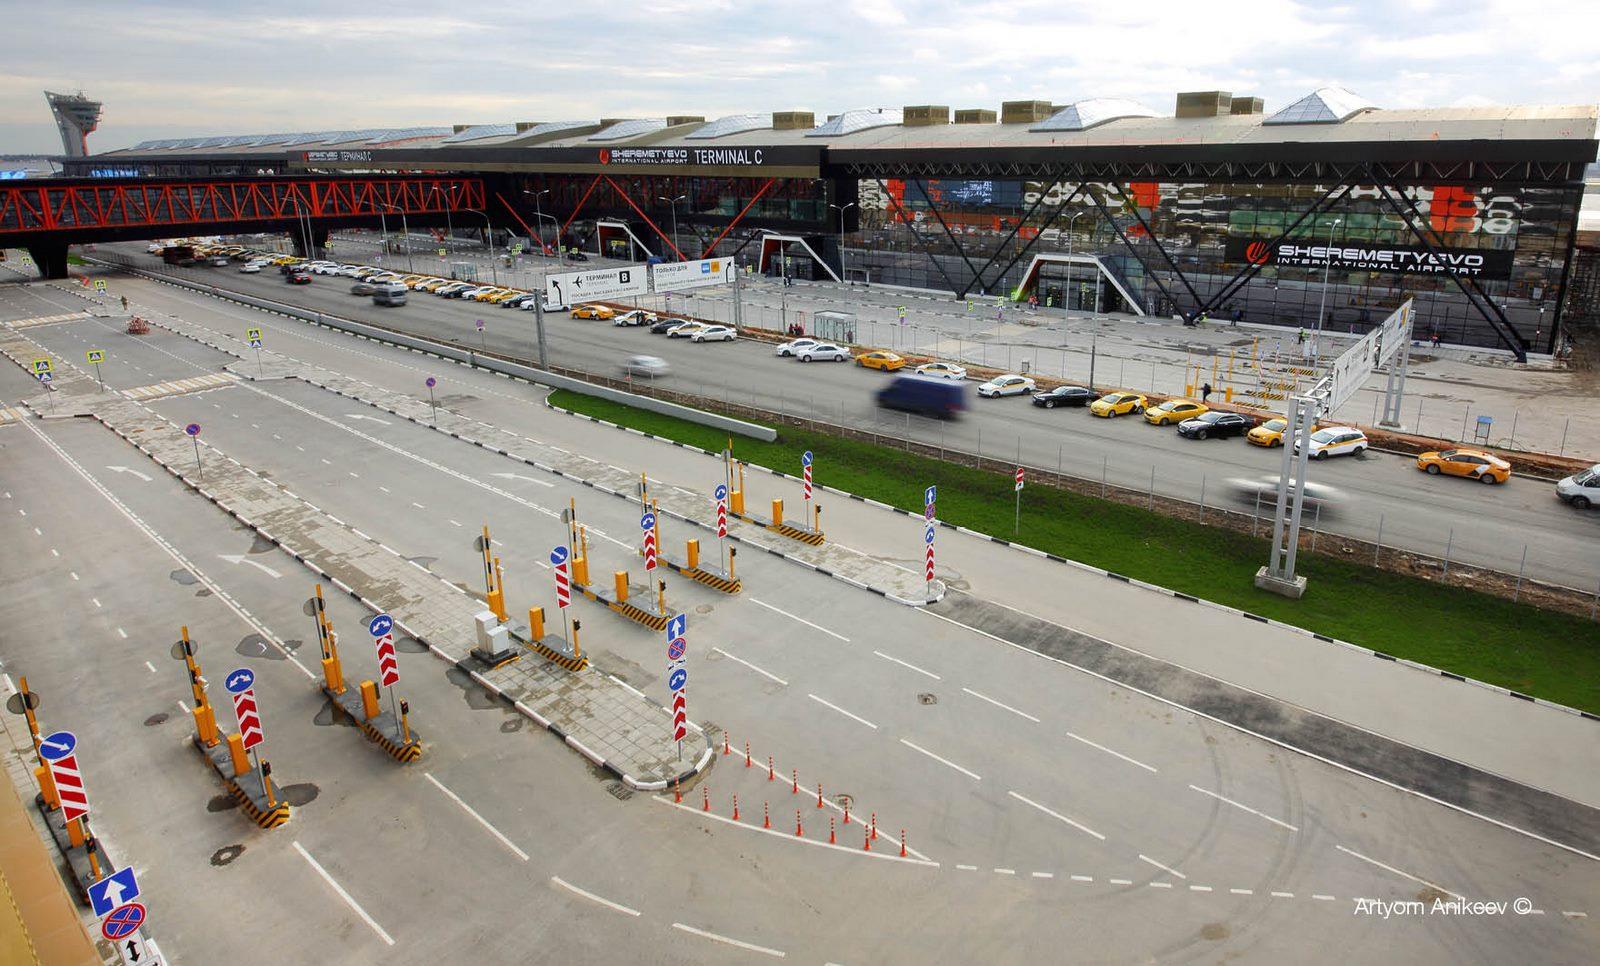 La historia y cultura rusa reflejada en el Aeropuerto de Moscú 3